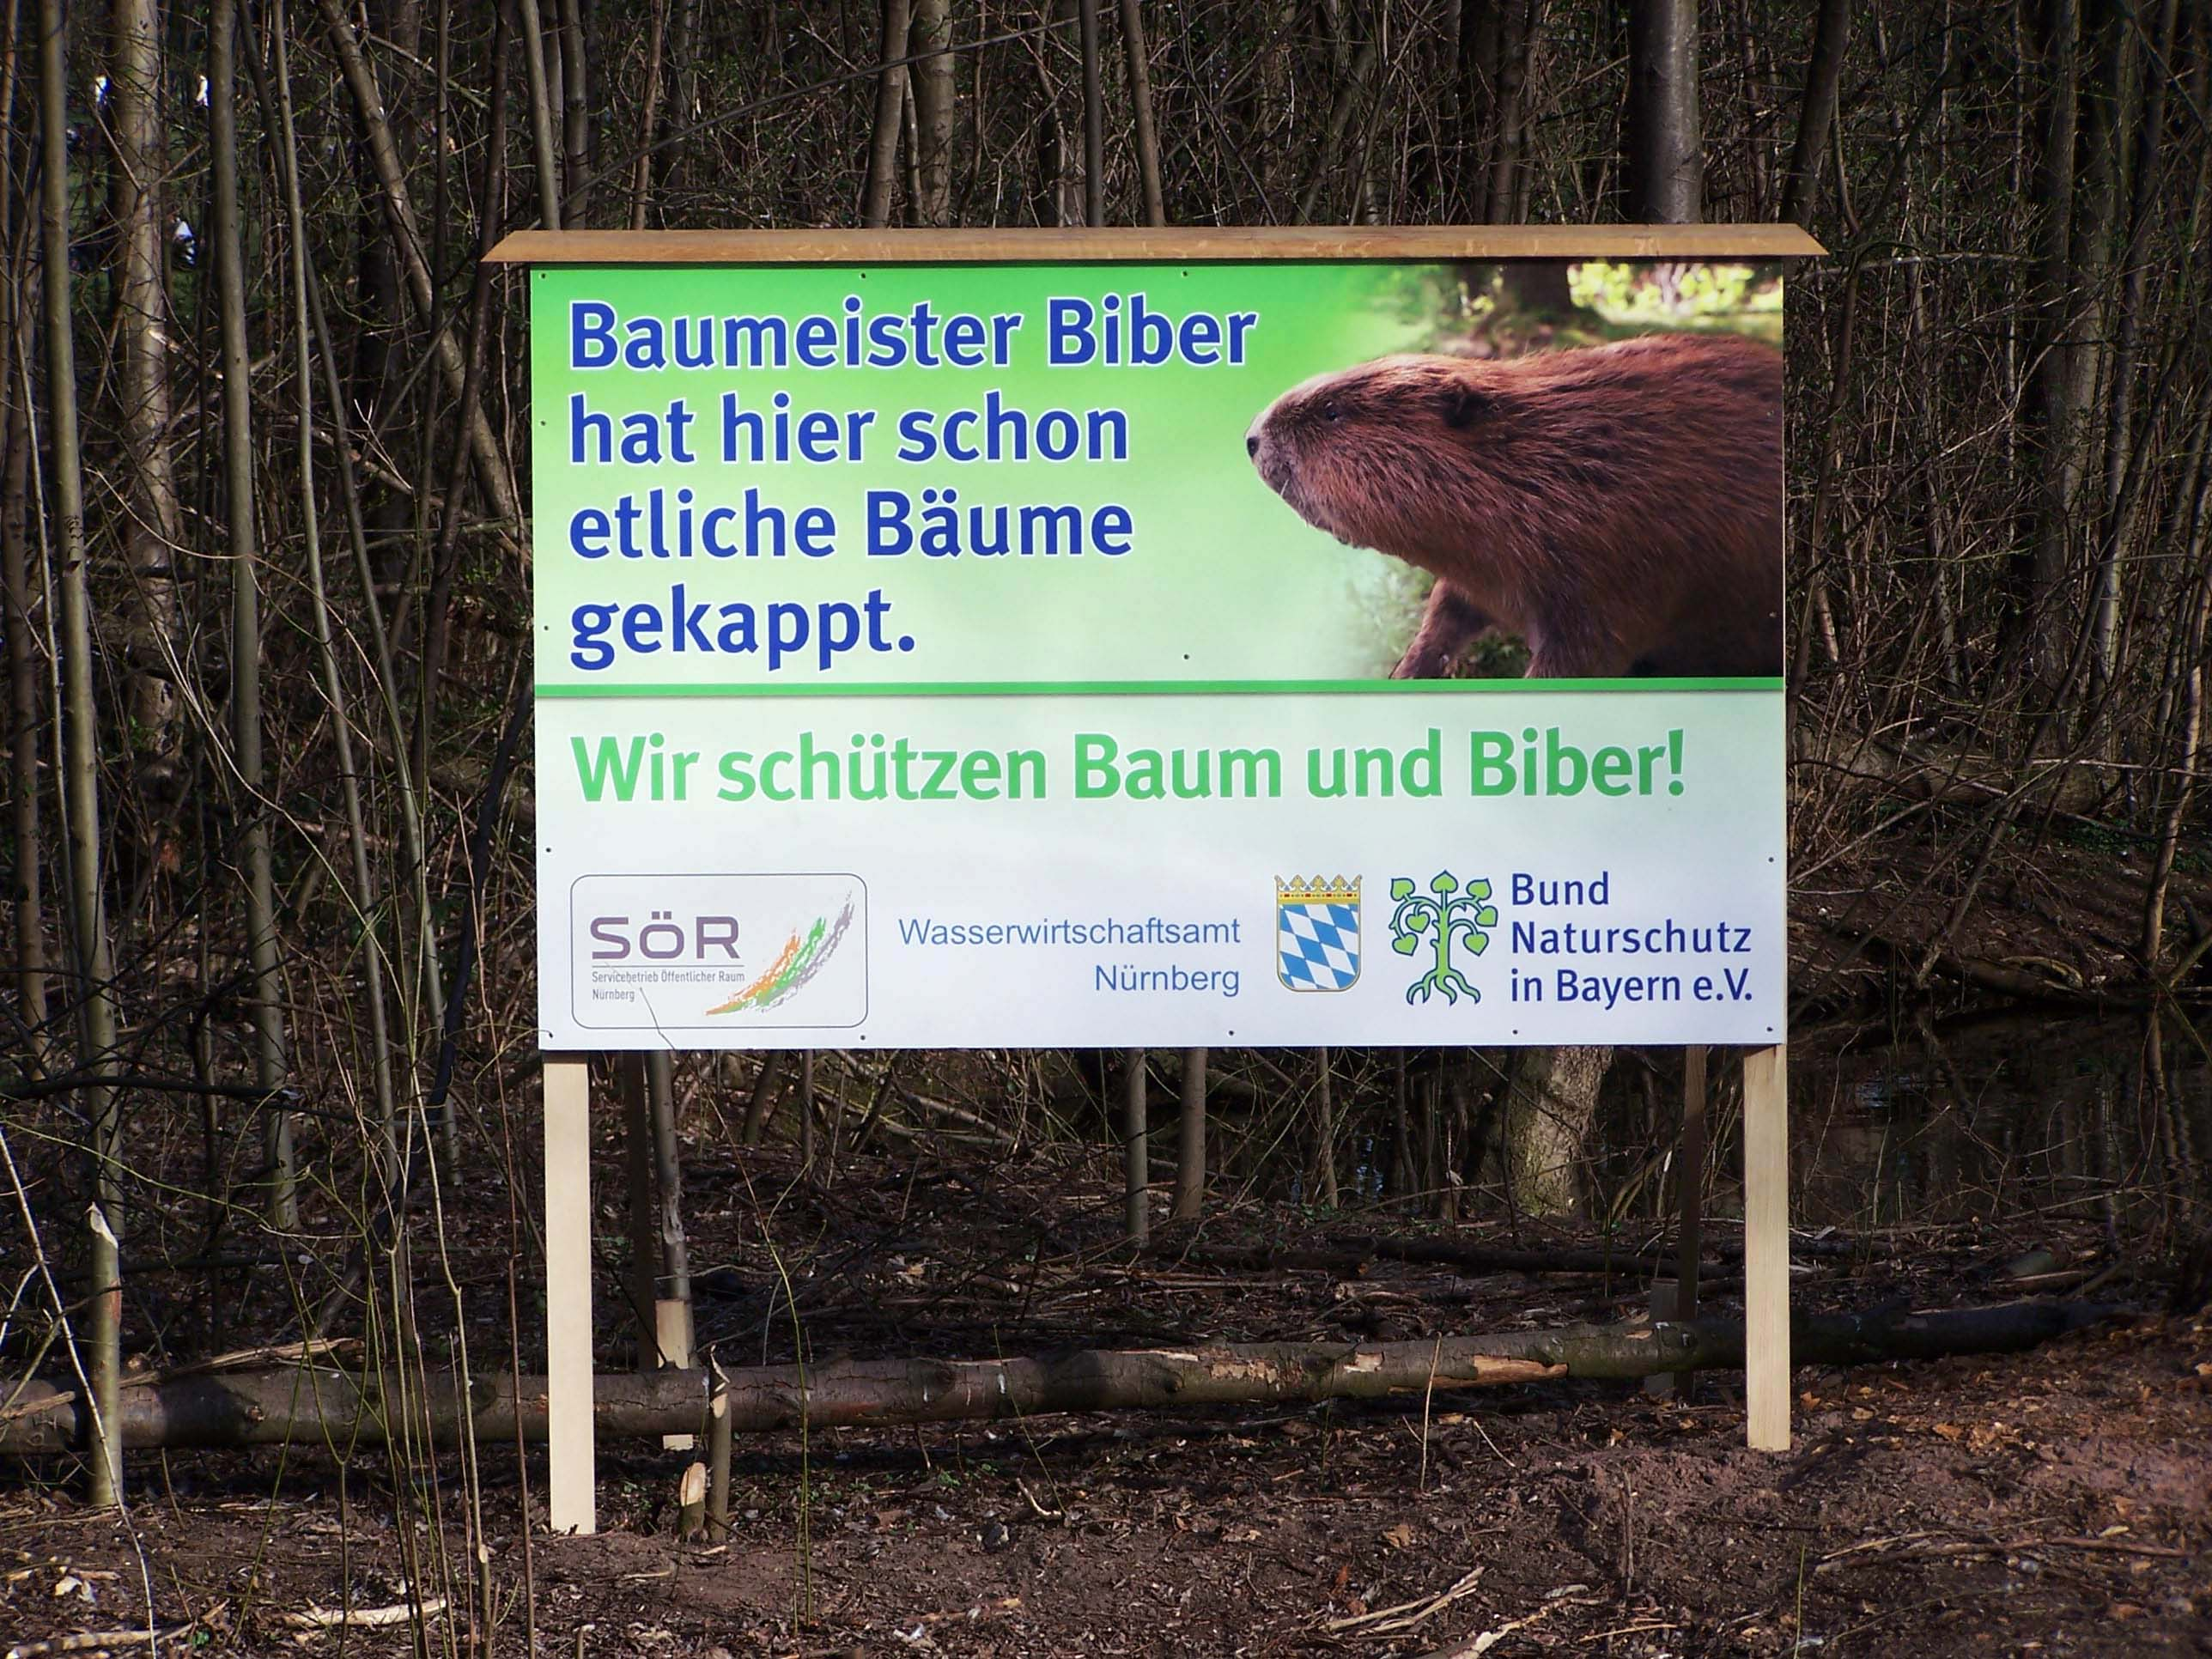 Baumeister Biber hat hier schon etliche Bäume gekappt. Wir schützen Baum und Biber. Nürnberg, Wöhrder Wiesen, Insel Schütt, März 2011